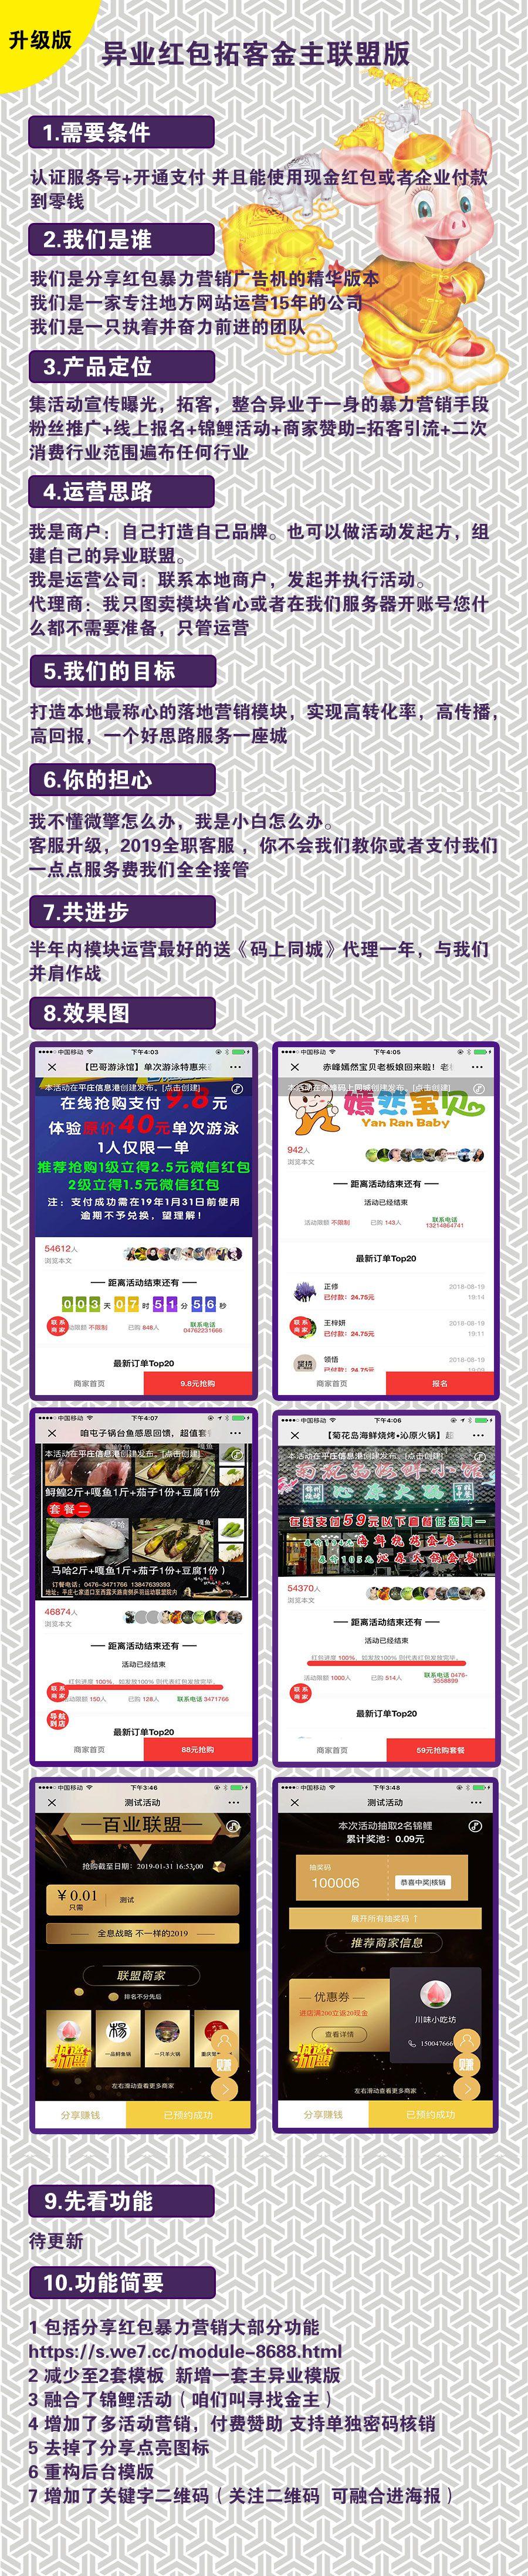 【功能模块】异业锦鲤红包拓客V1.0.26 – 精华版